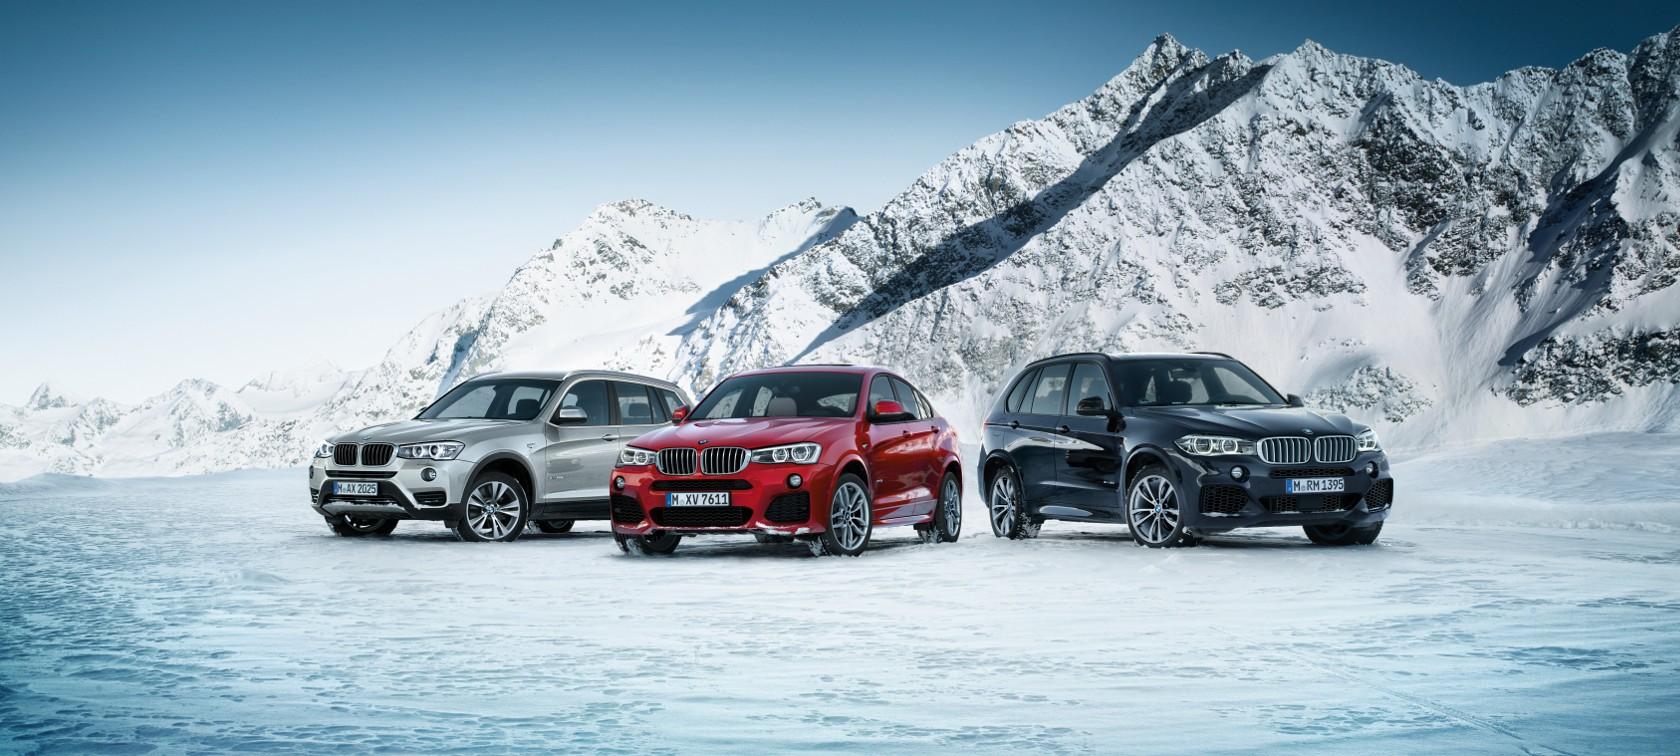 Canzone pubblicità BMW XDrive novembre 2016